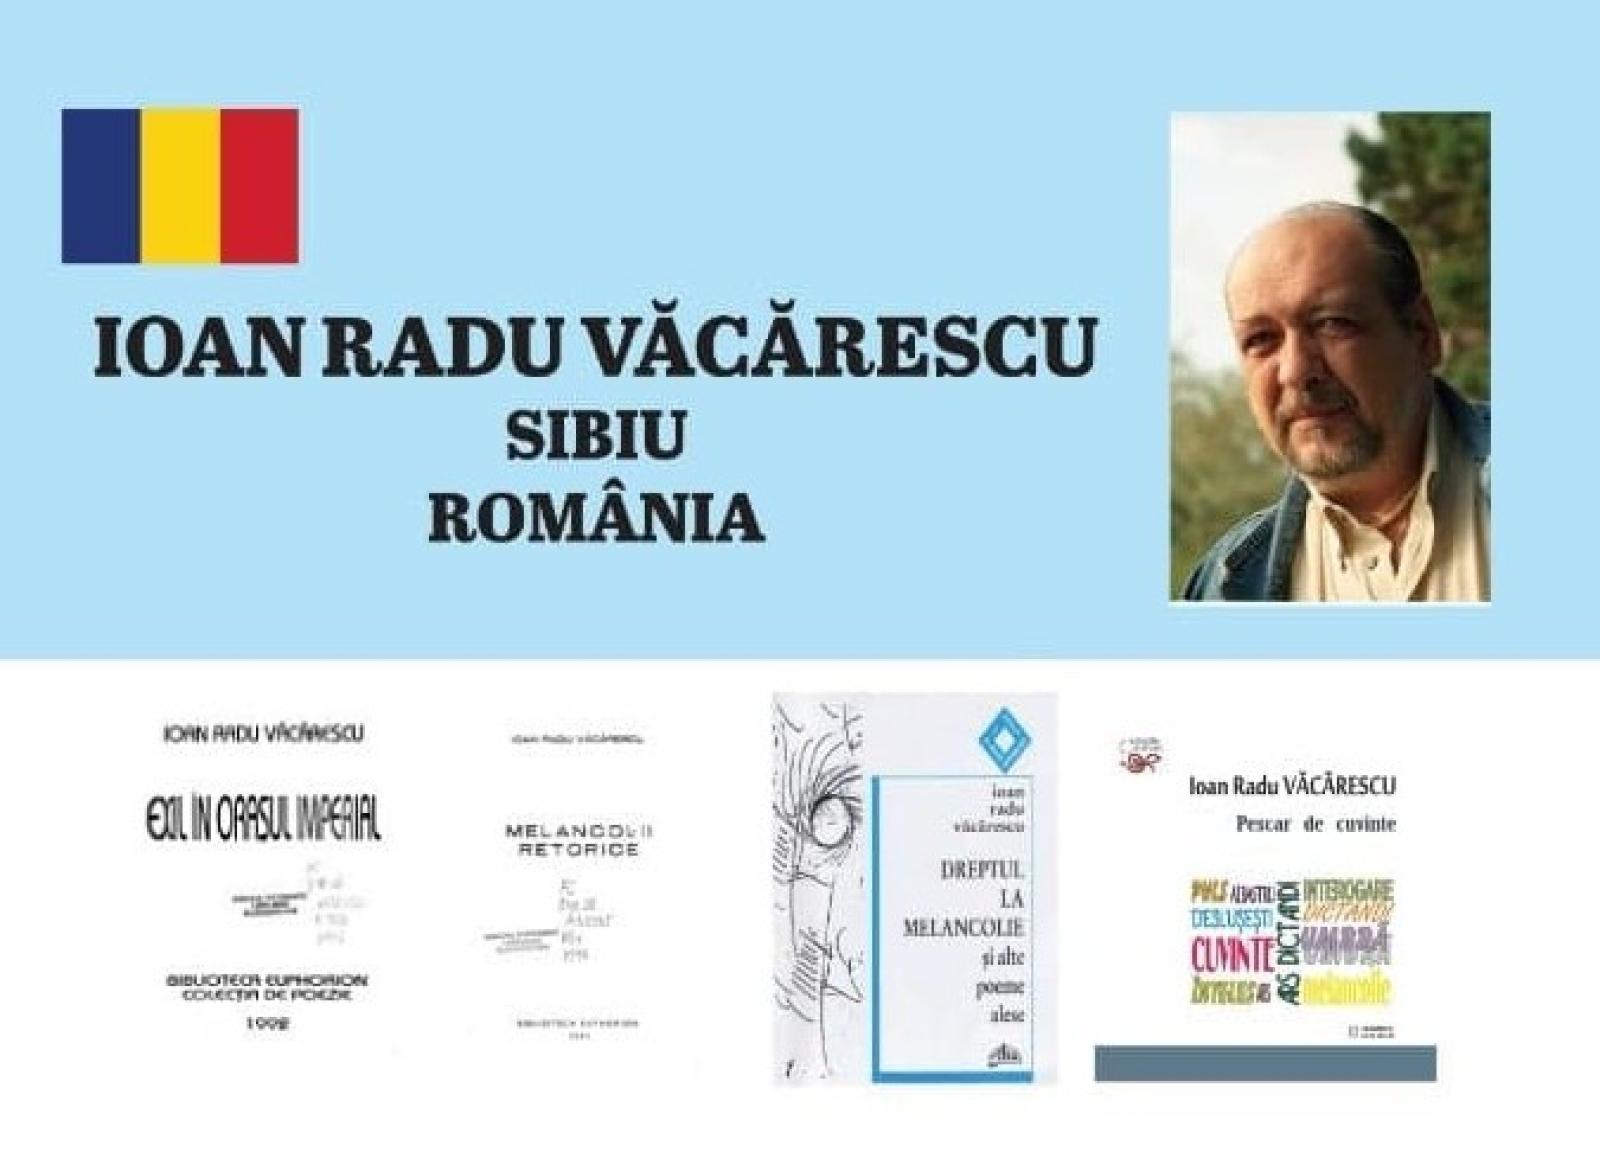 """""""PESTE ANI"""" - IOAN RADU VĂCĂRESCU"""